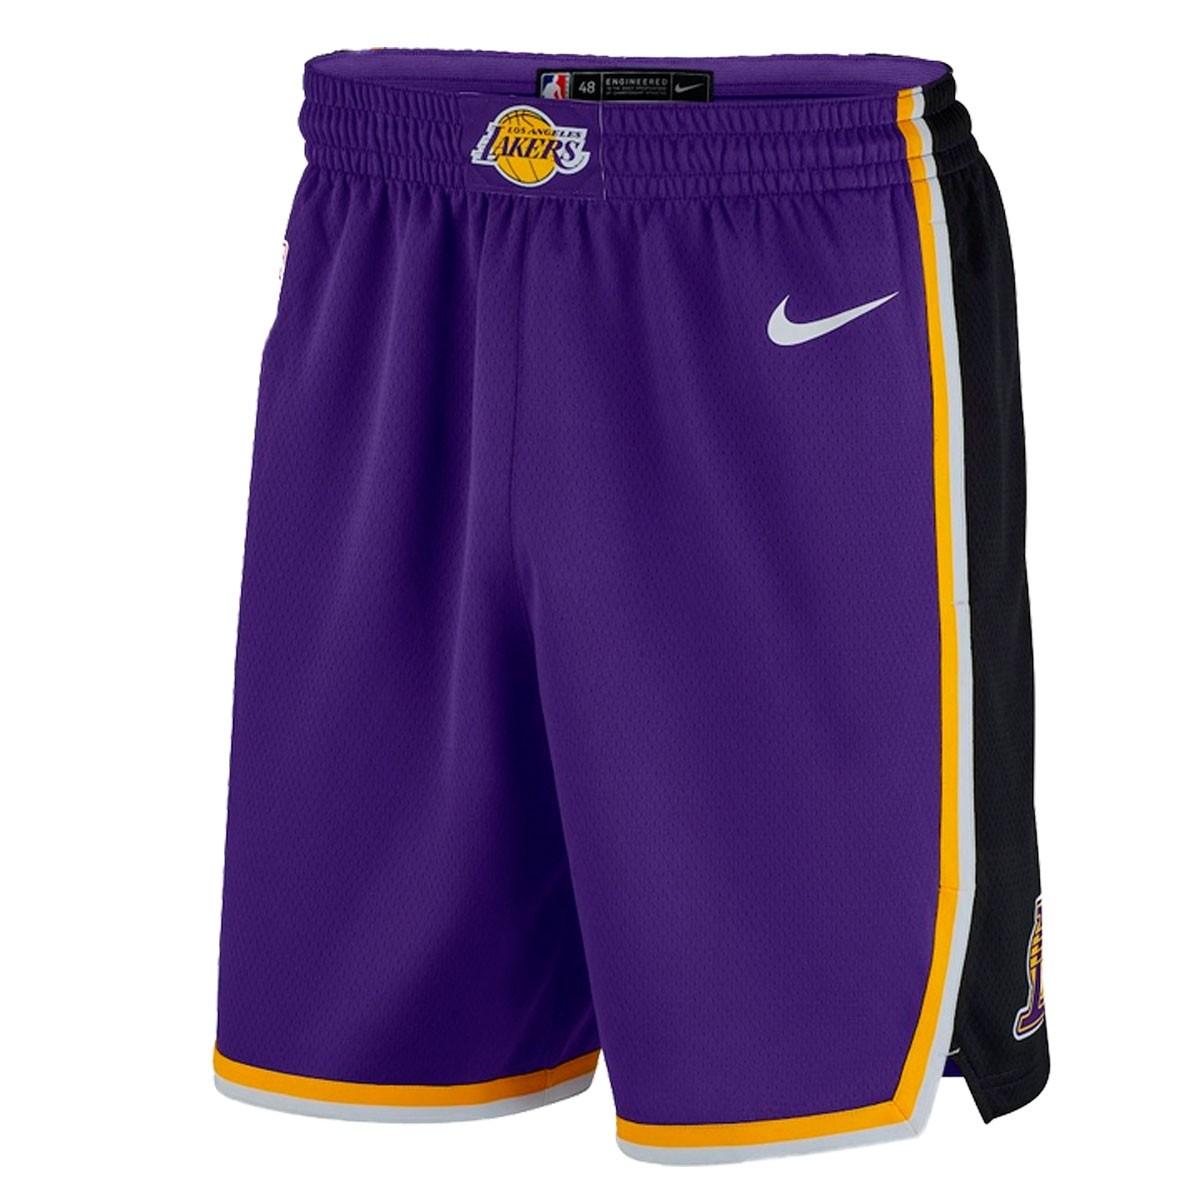 Nike Junior NBA Lakers Swingman Short 'Statement Edition'